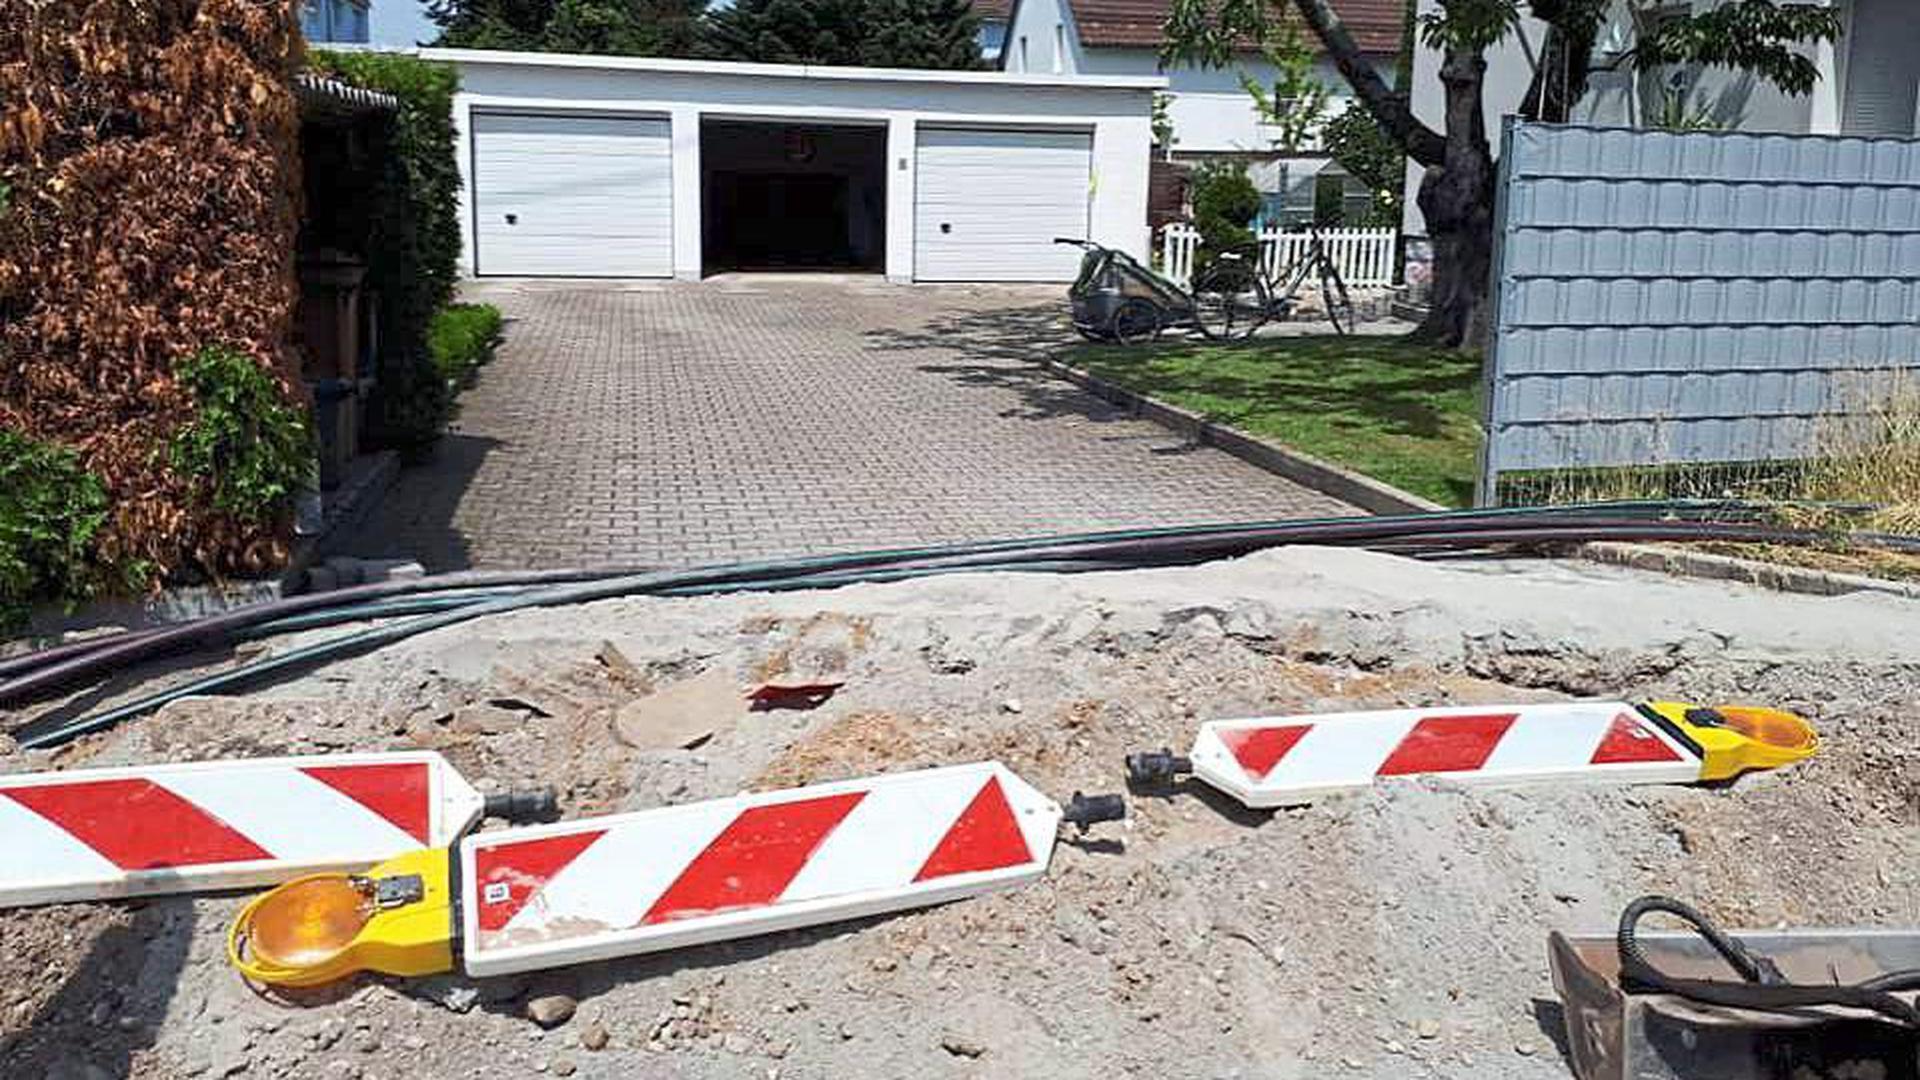 Kein Durchkommen zur eigenen Garage gab es für eine Gaggenauerin, die ihr Auto dringend benötigte. Im Normalfall werden Bürger laut Pressesprecherin der Stadt Gaggenau, Judith Feuerer, im Vorfeld über derartige Baustellen informiert.